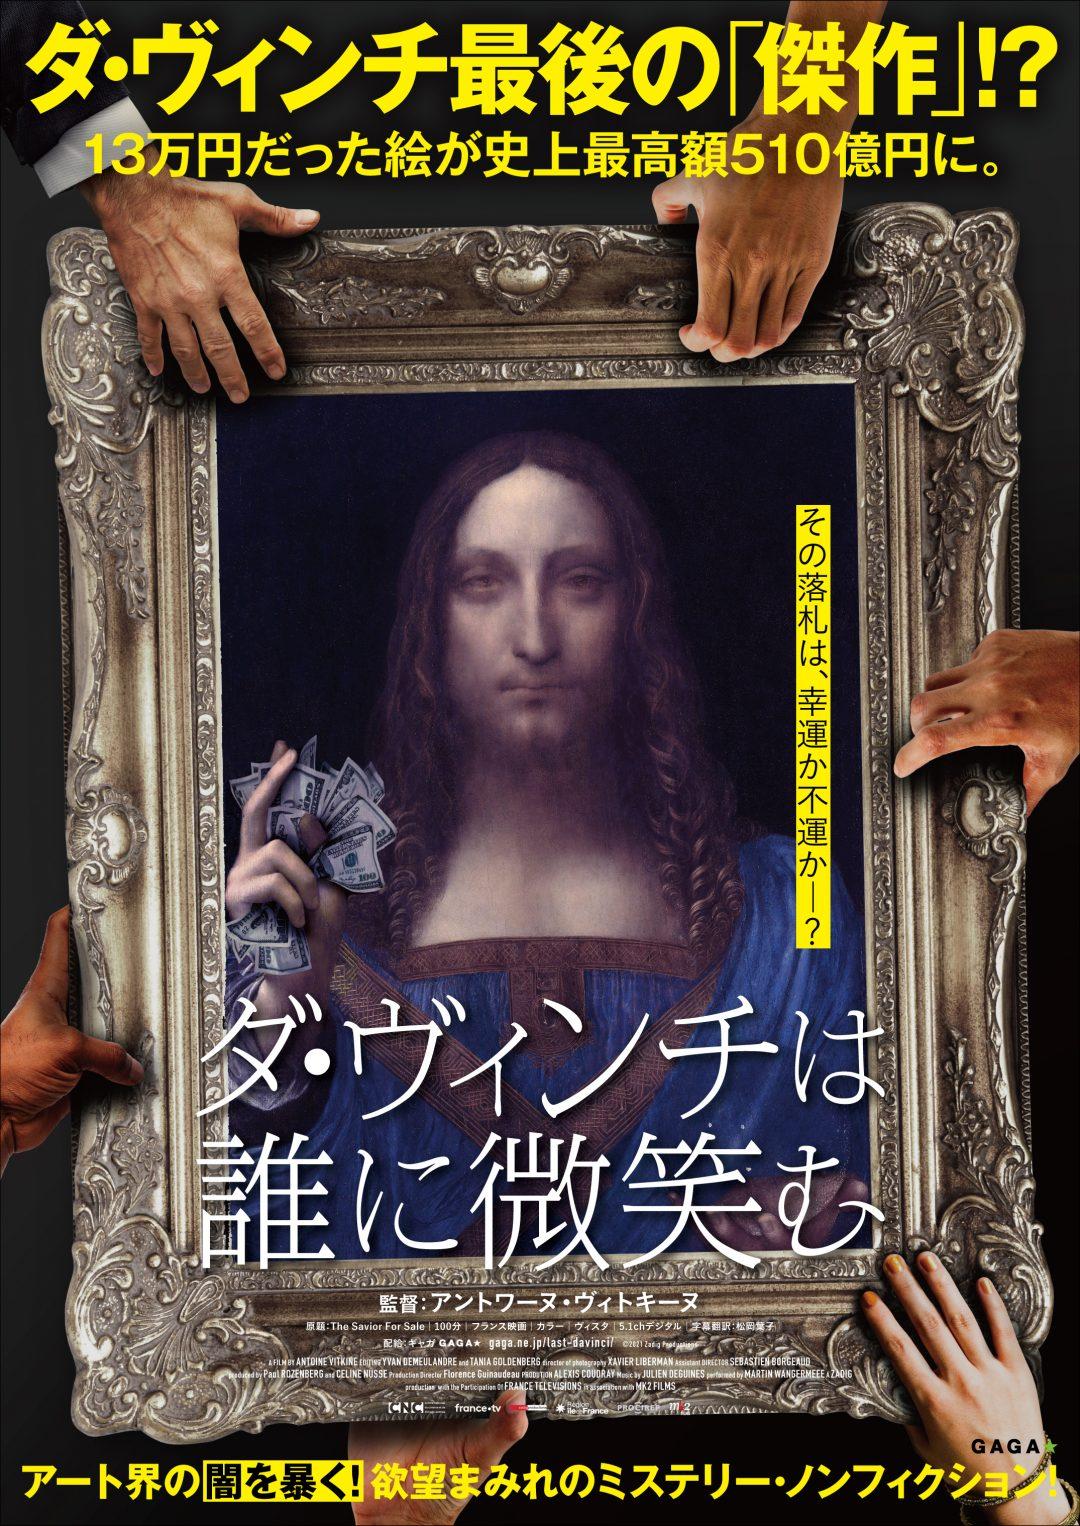 史上最高額510億円で落札されたダ・ヴィンチ最後の傑作が消えた…アート界の闇を暴く ! 映画『ダ・ヴィンチは誰に微笑む』予告映像が公開